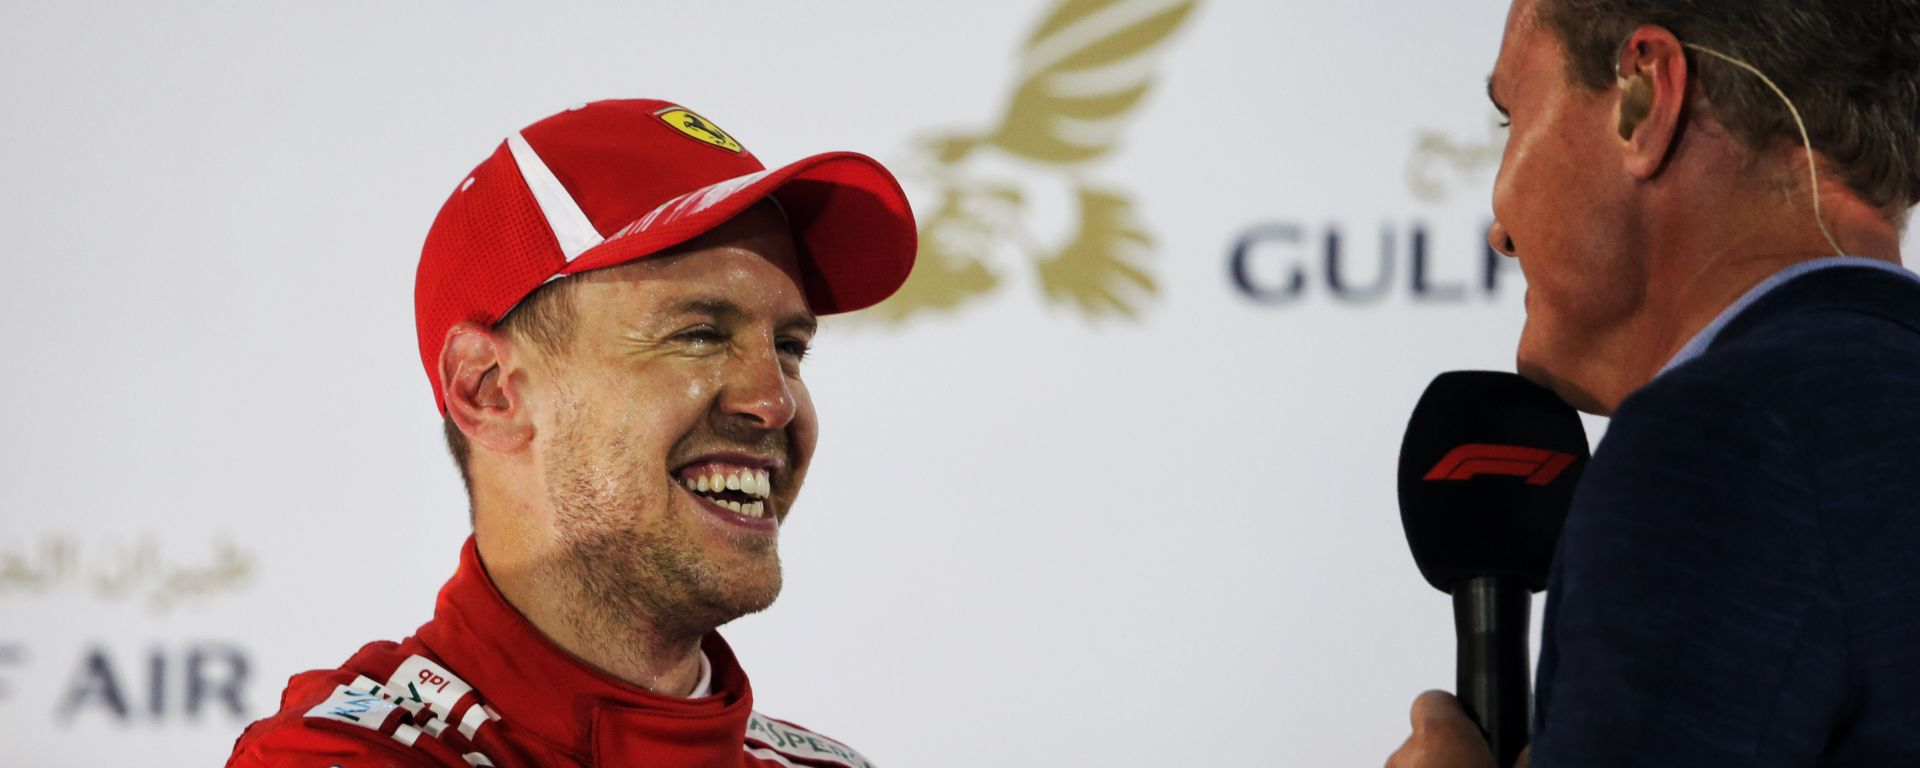 F1: Sebastian Vettel e David Coulthard